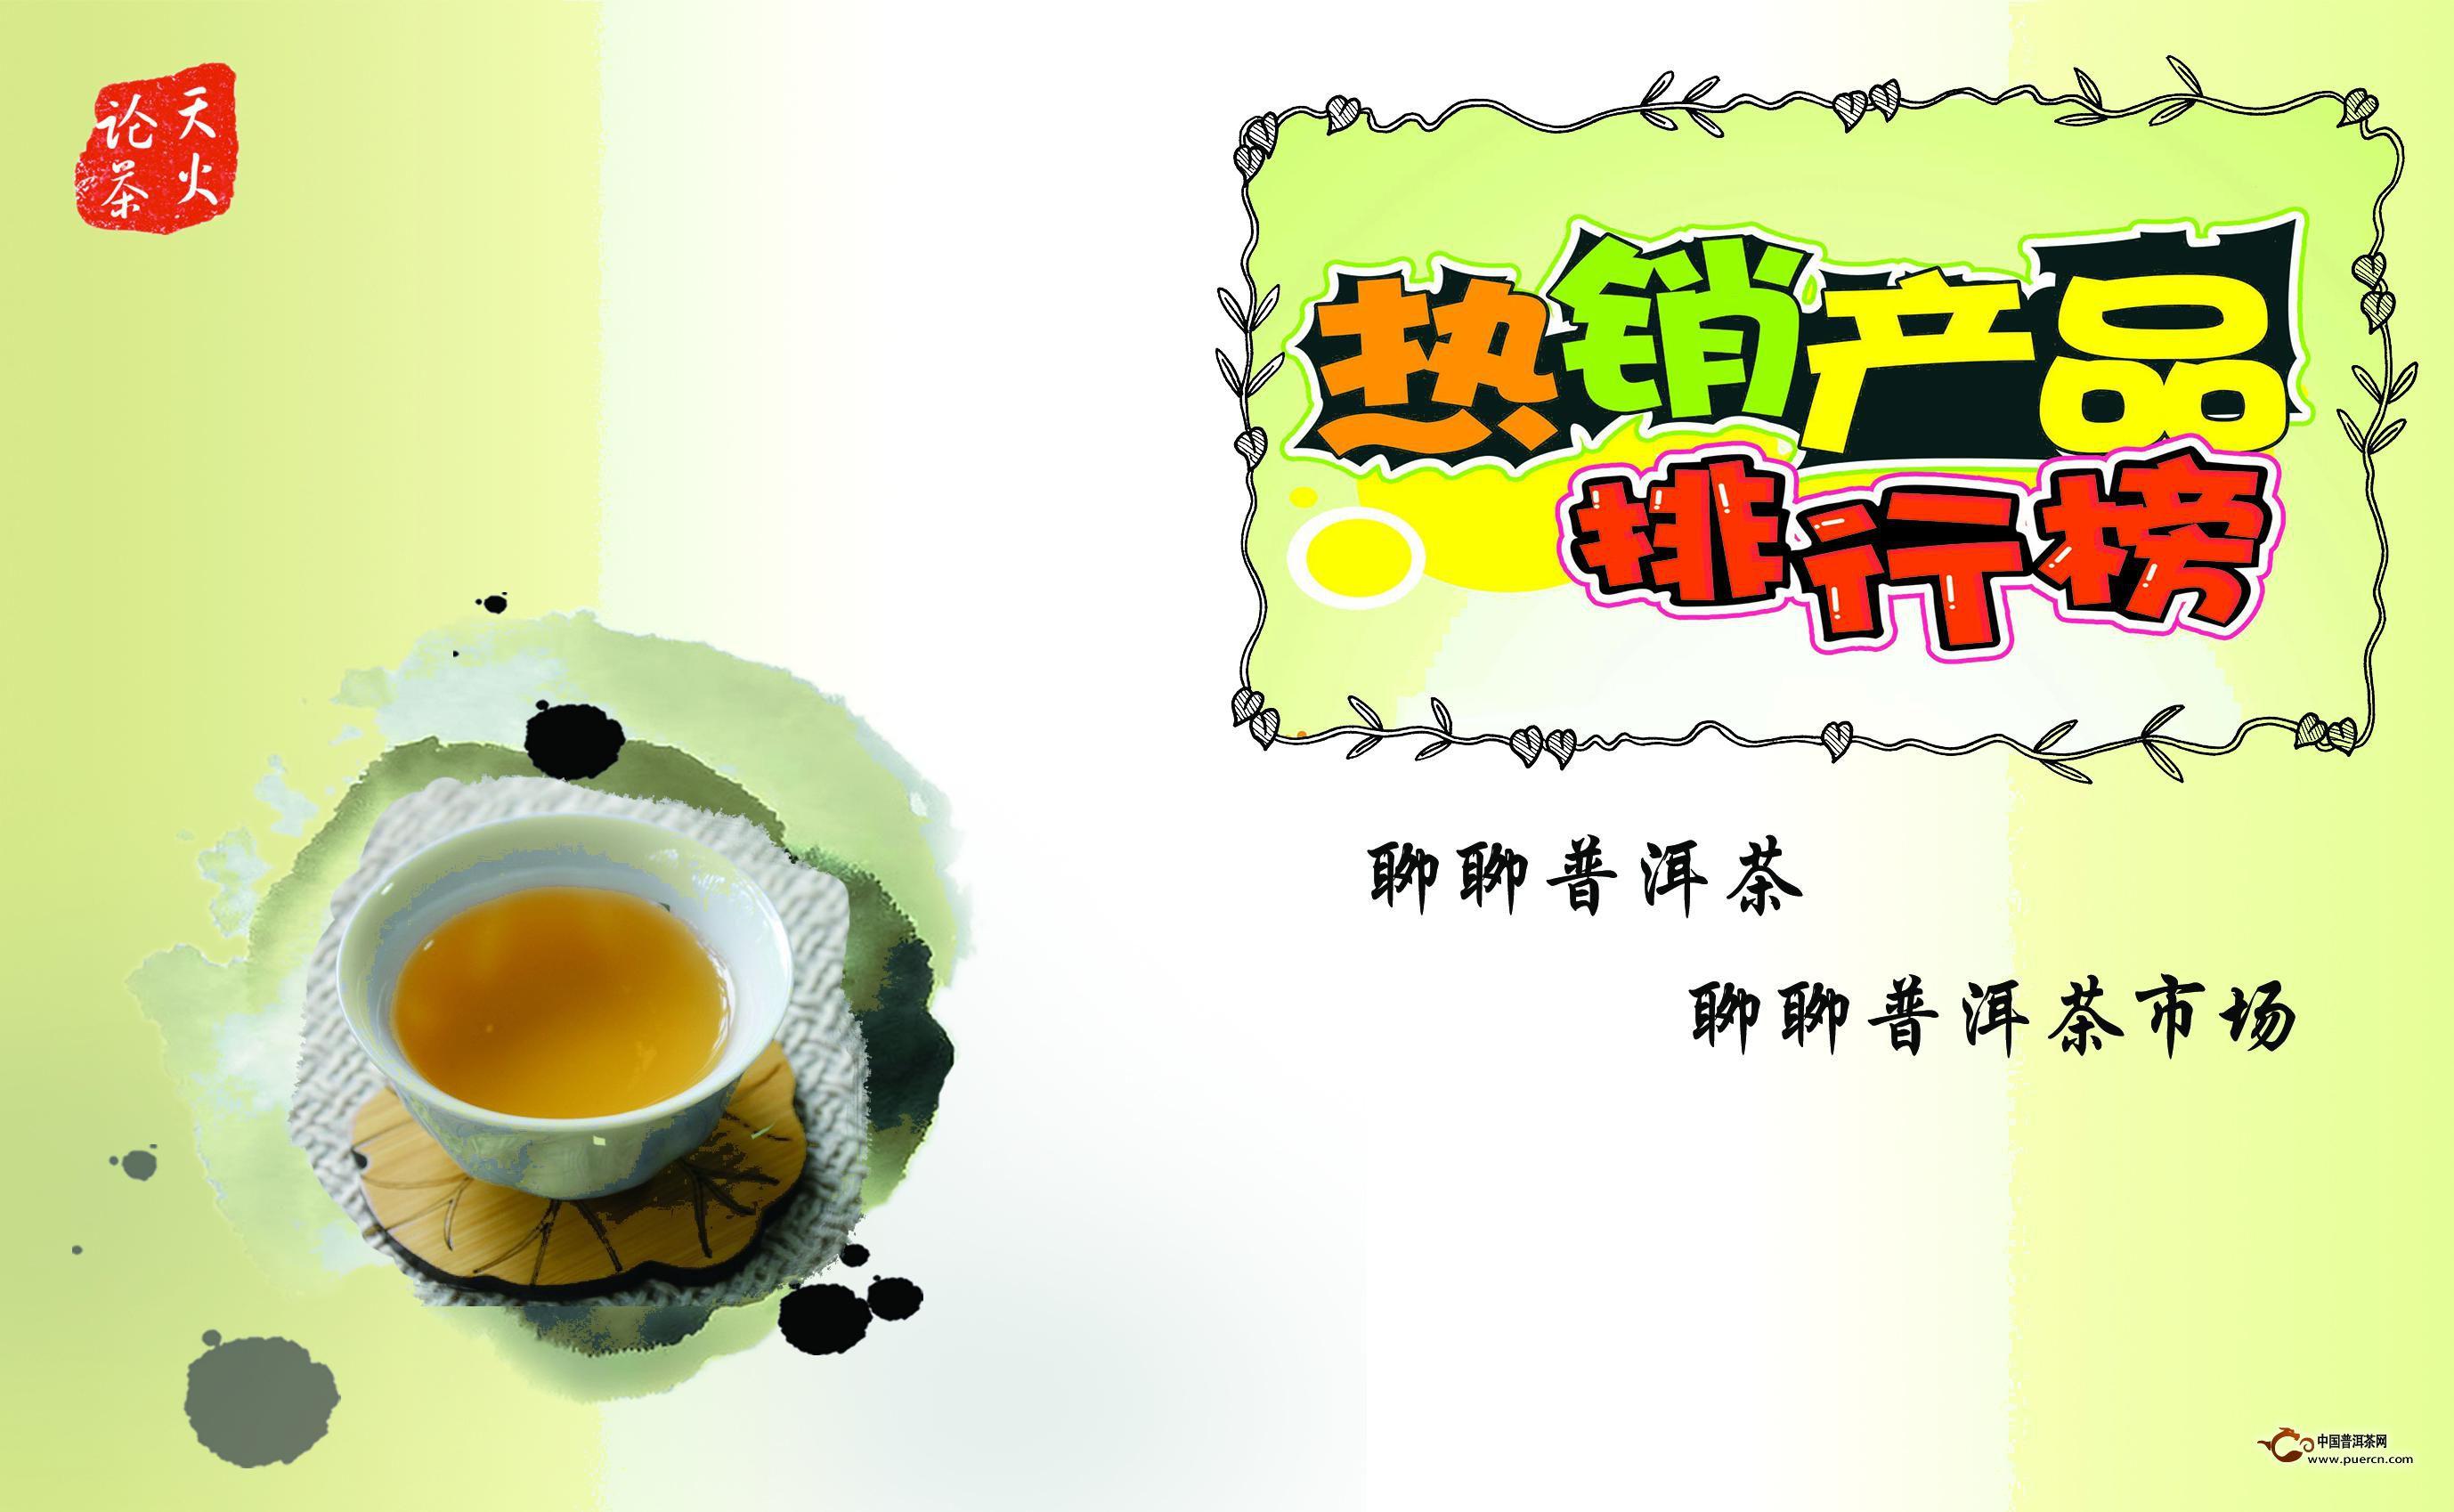 普洱茶消费市场排行榜(11月1日-11月30日)